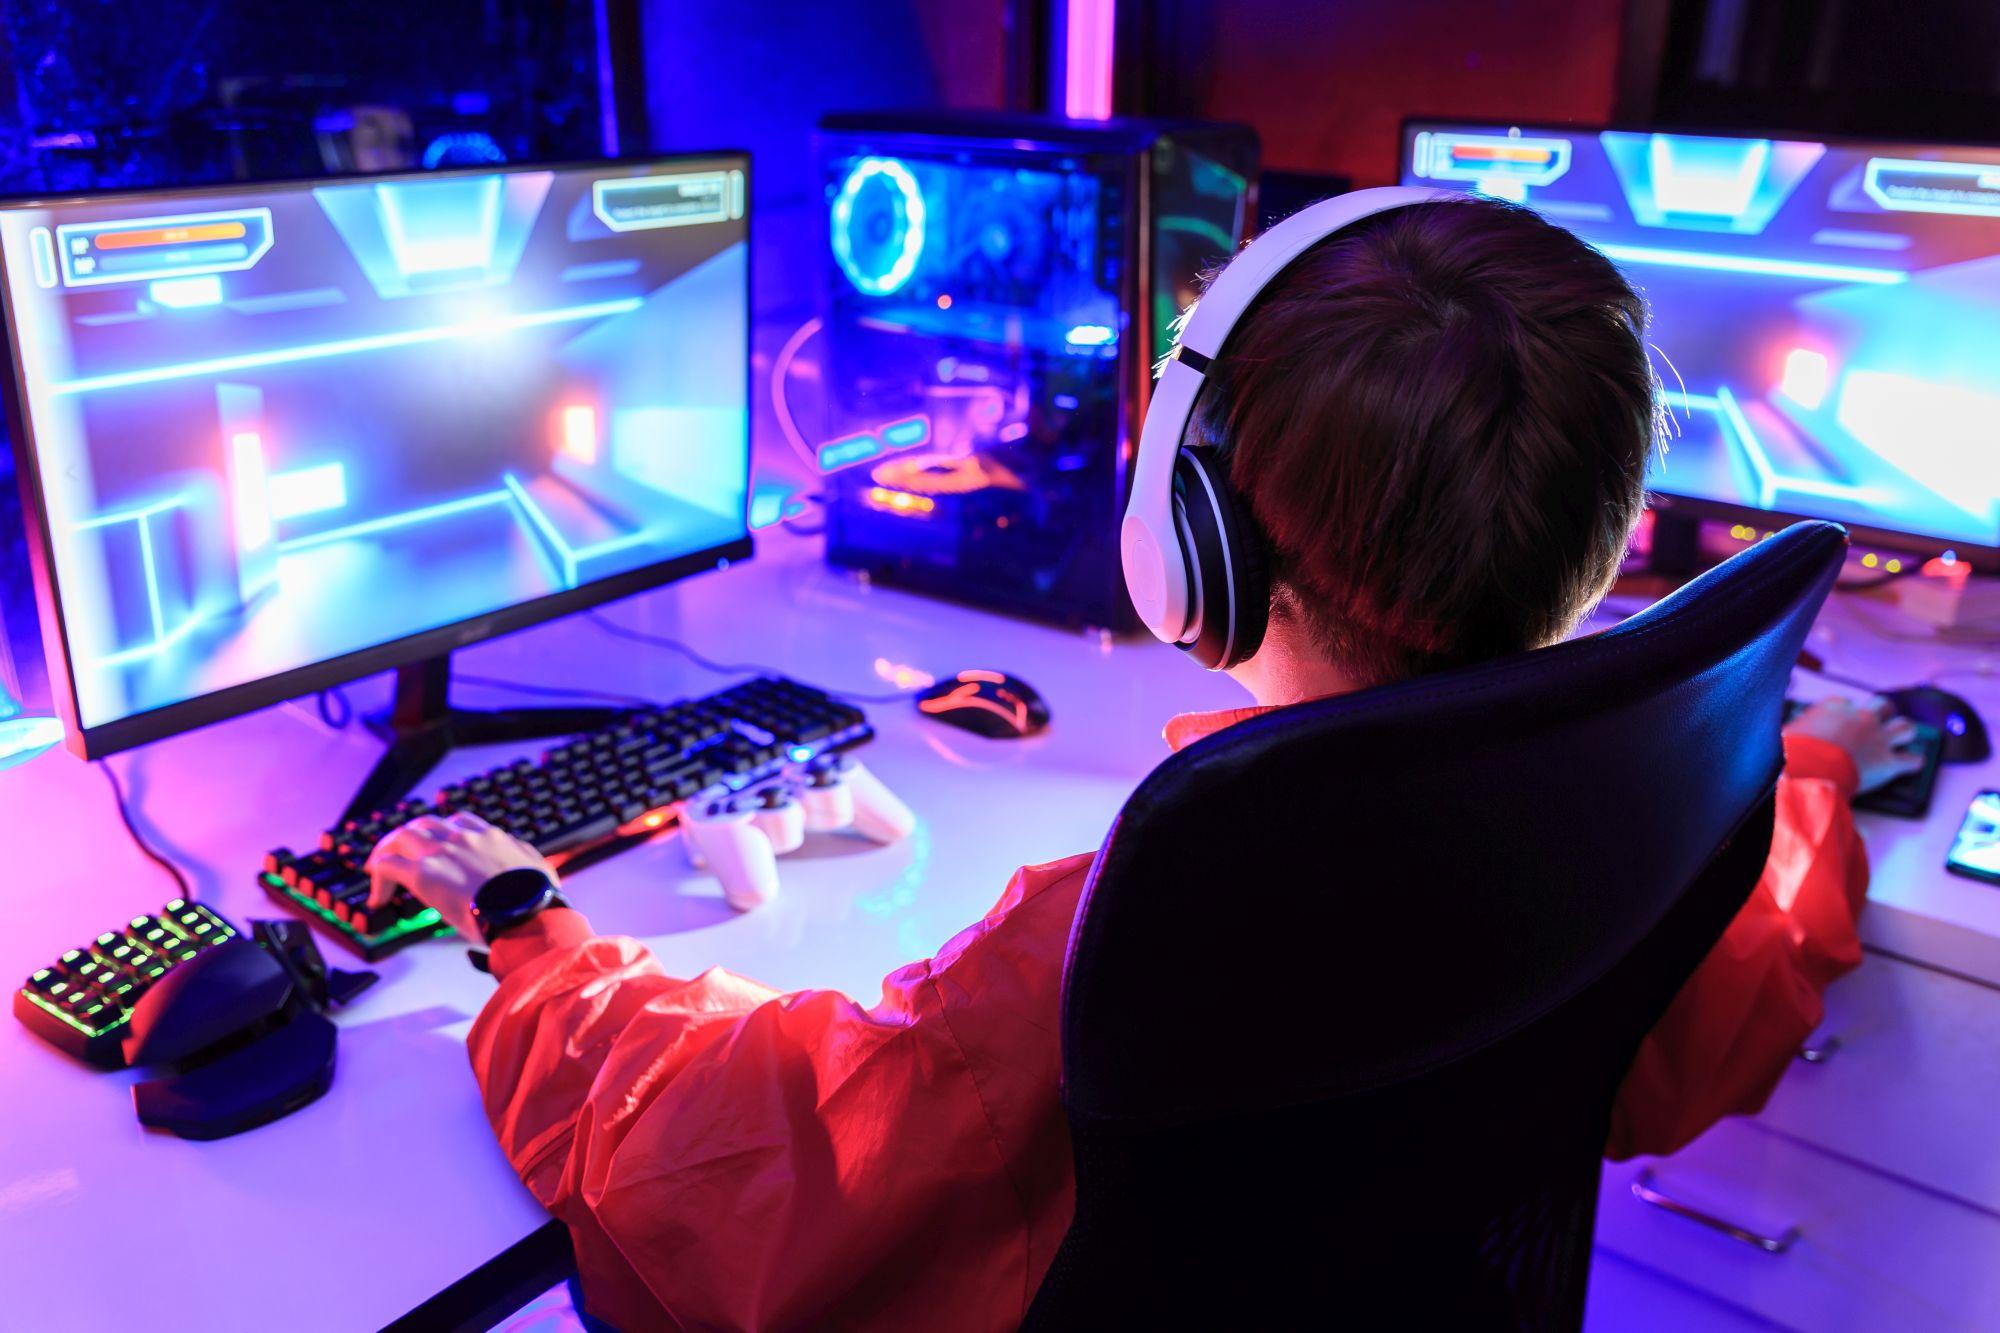 Fiú mesh anyagú gamer széken játszik